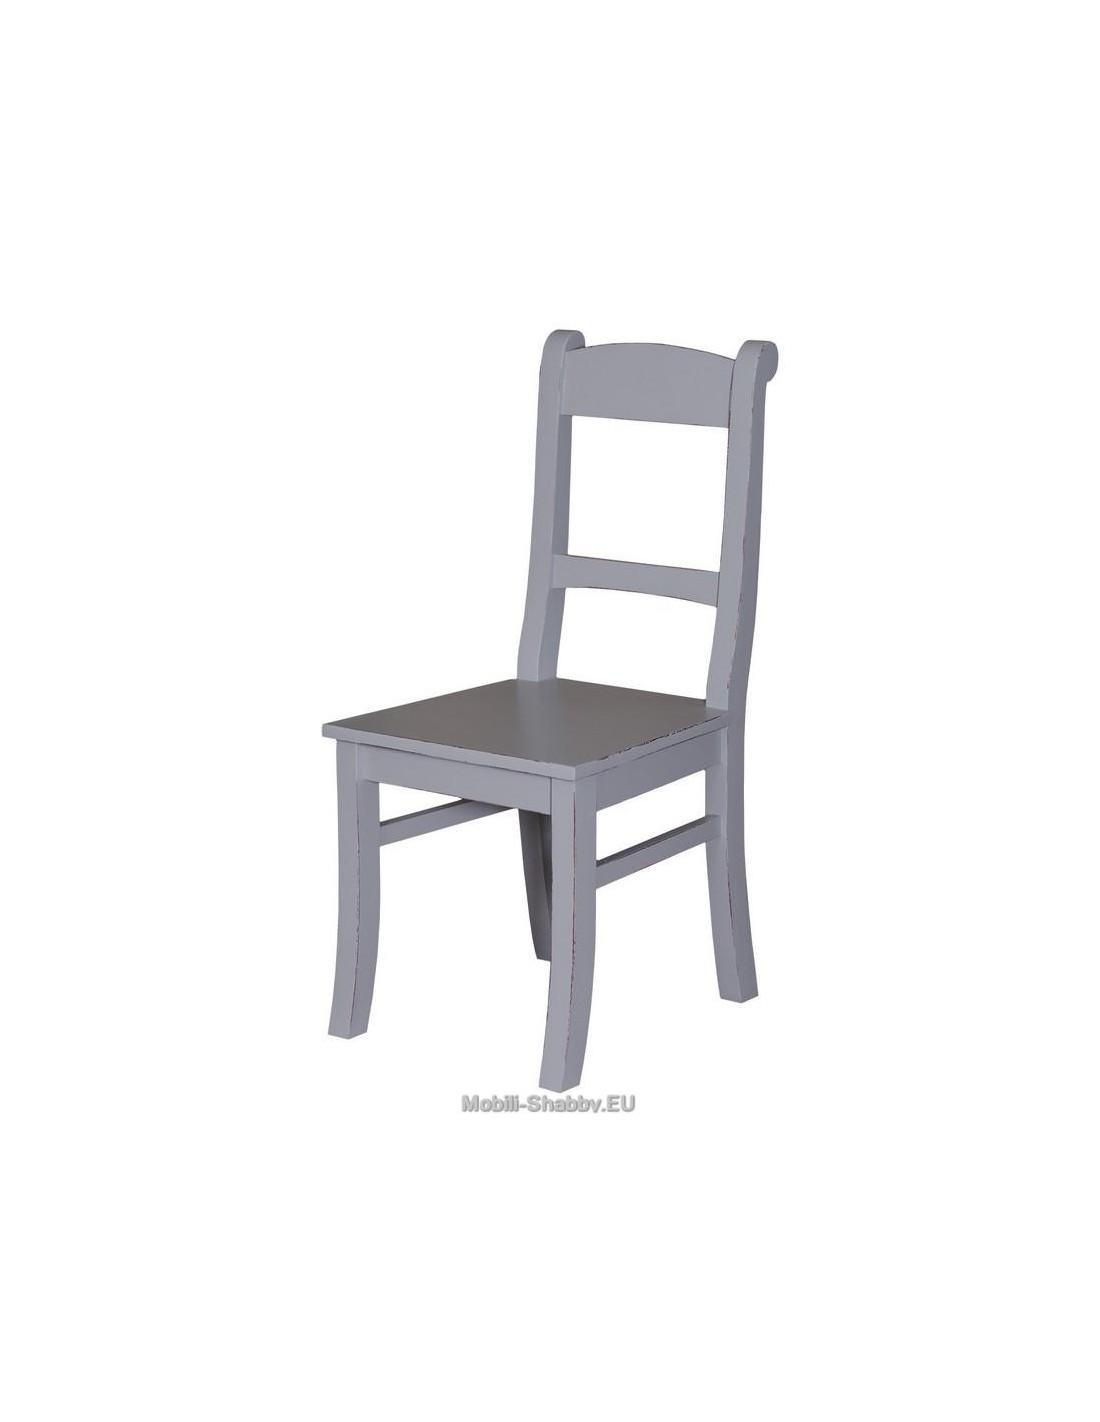 sedia in legno massello colorata MS64 - Orissa Milano